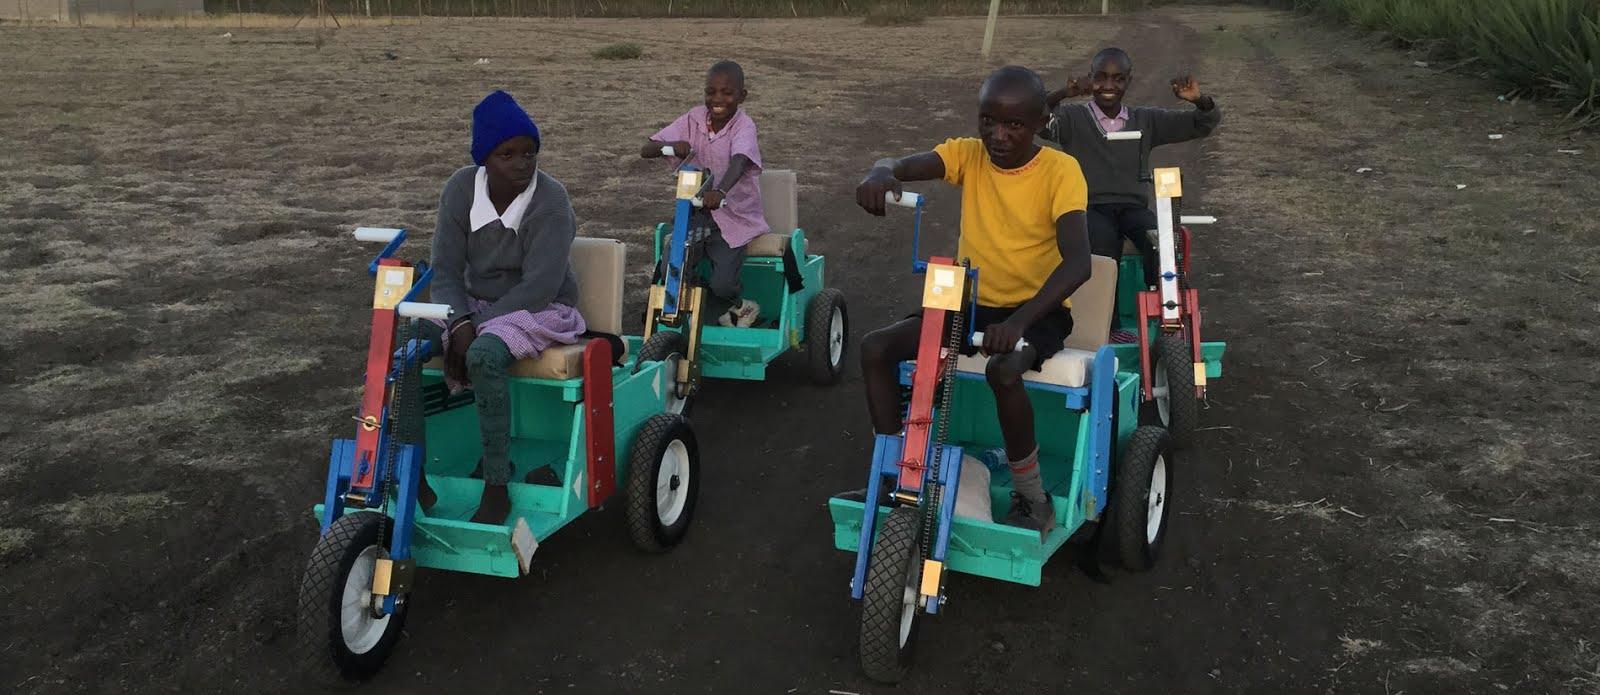 Mobility Worldwide